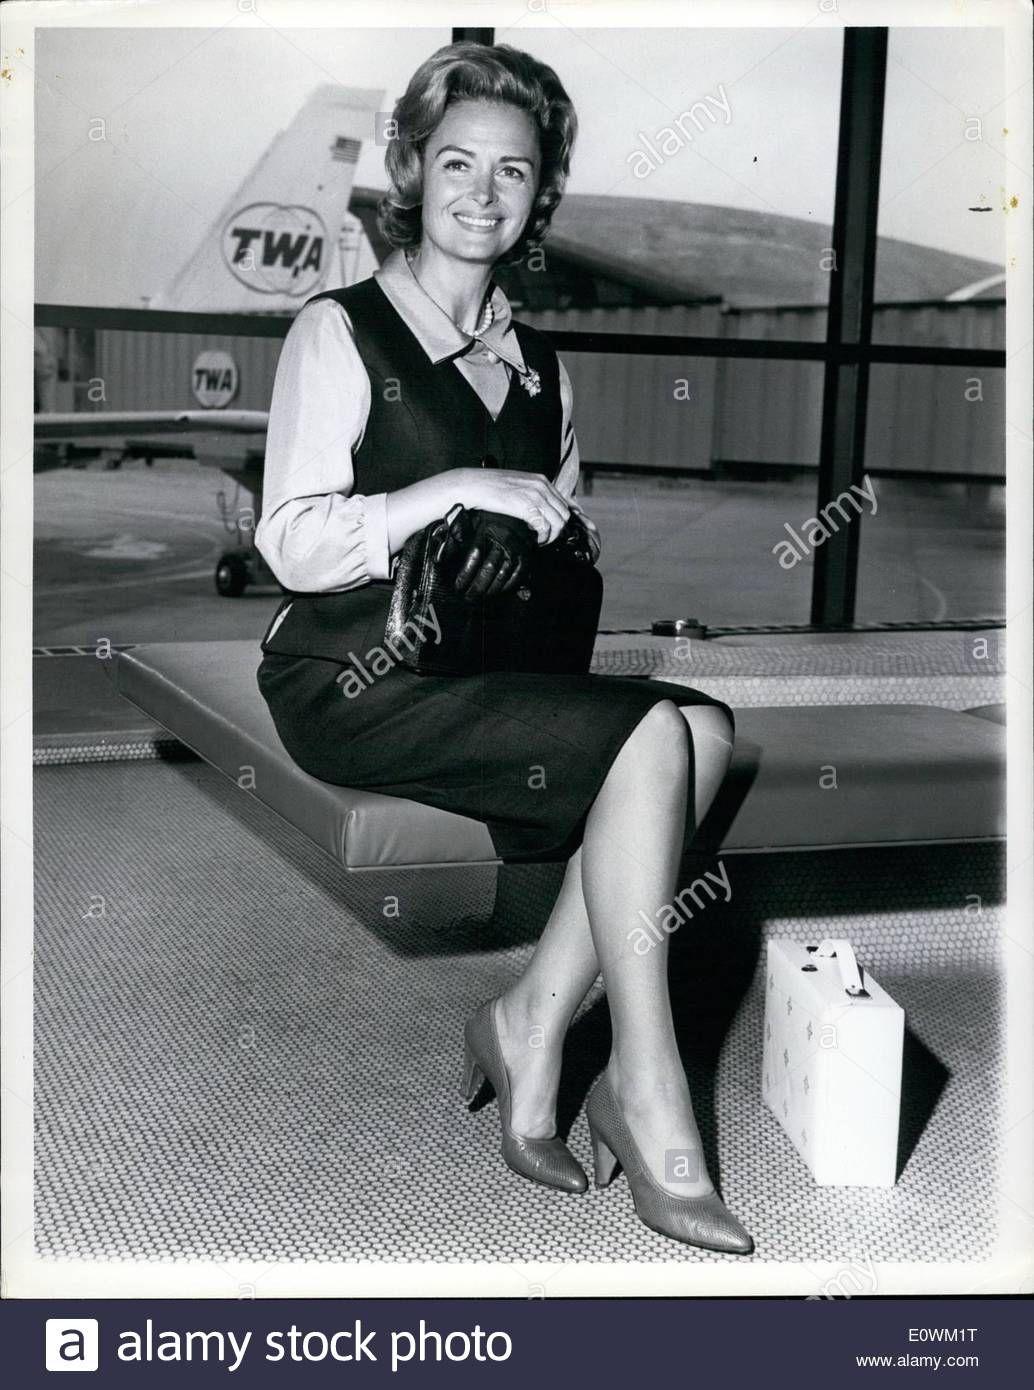 Donna Reed Actress Stock Photos & Donna Reed Actress Stock Images ...